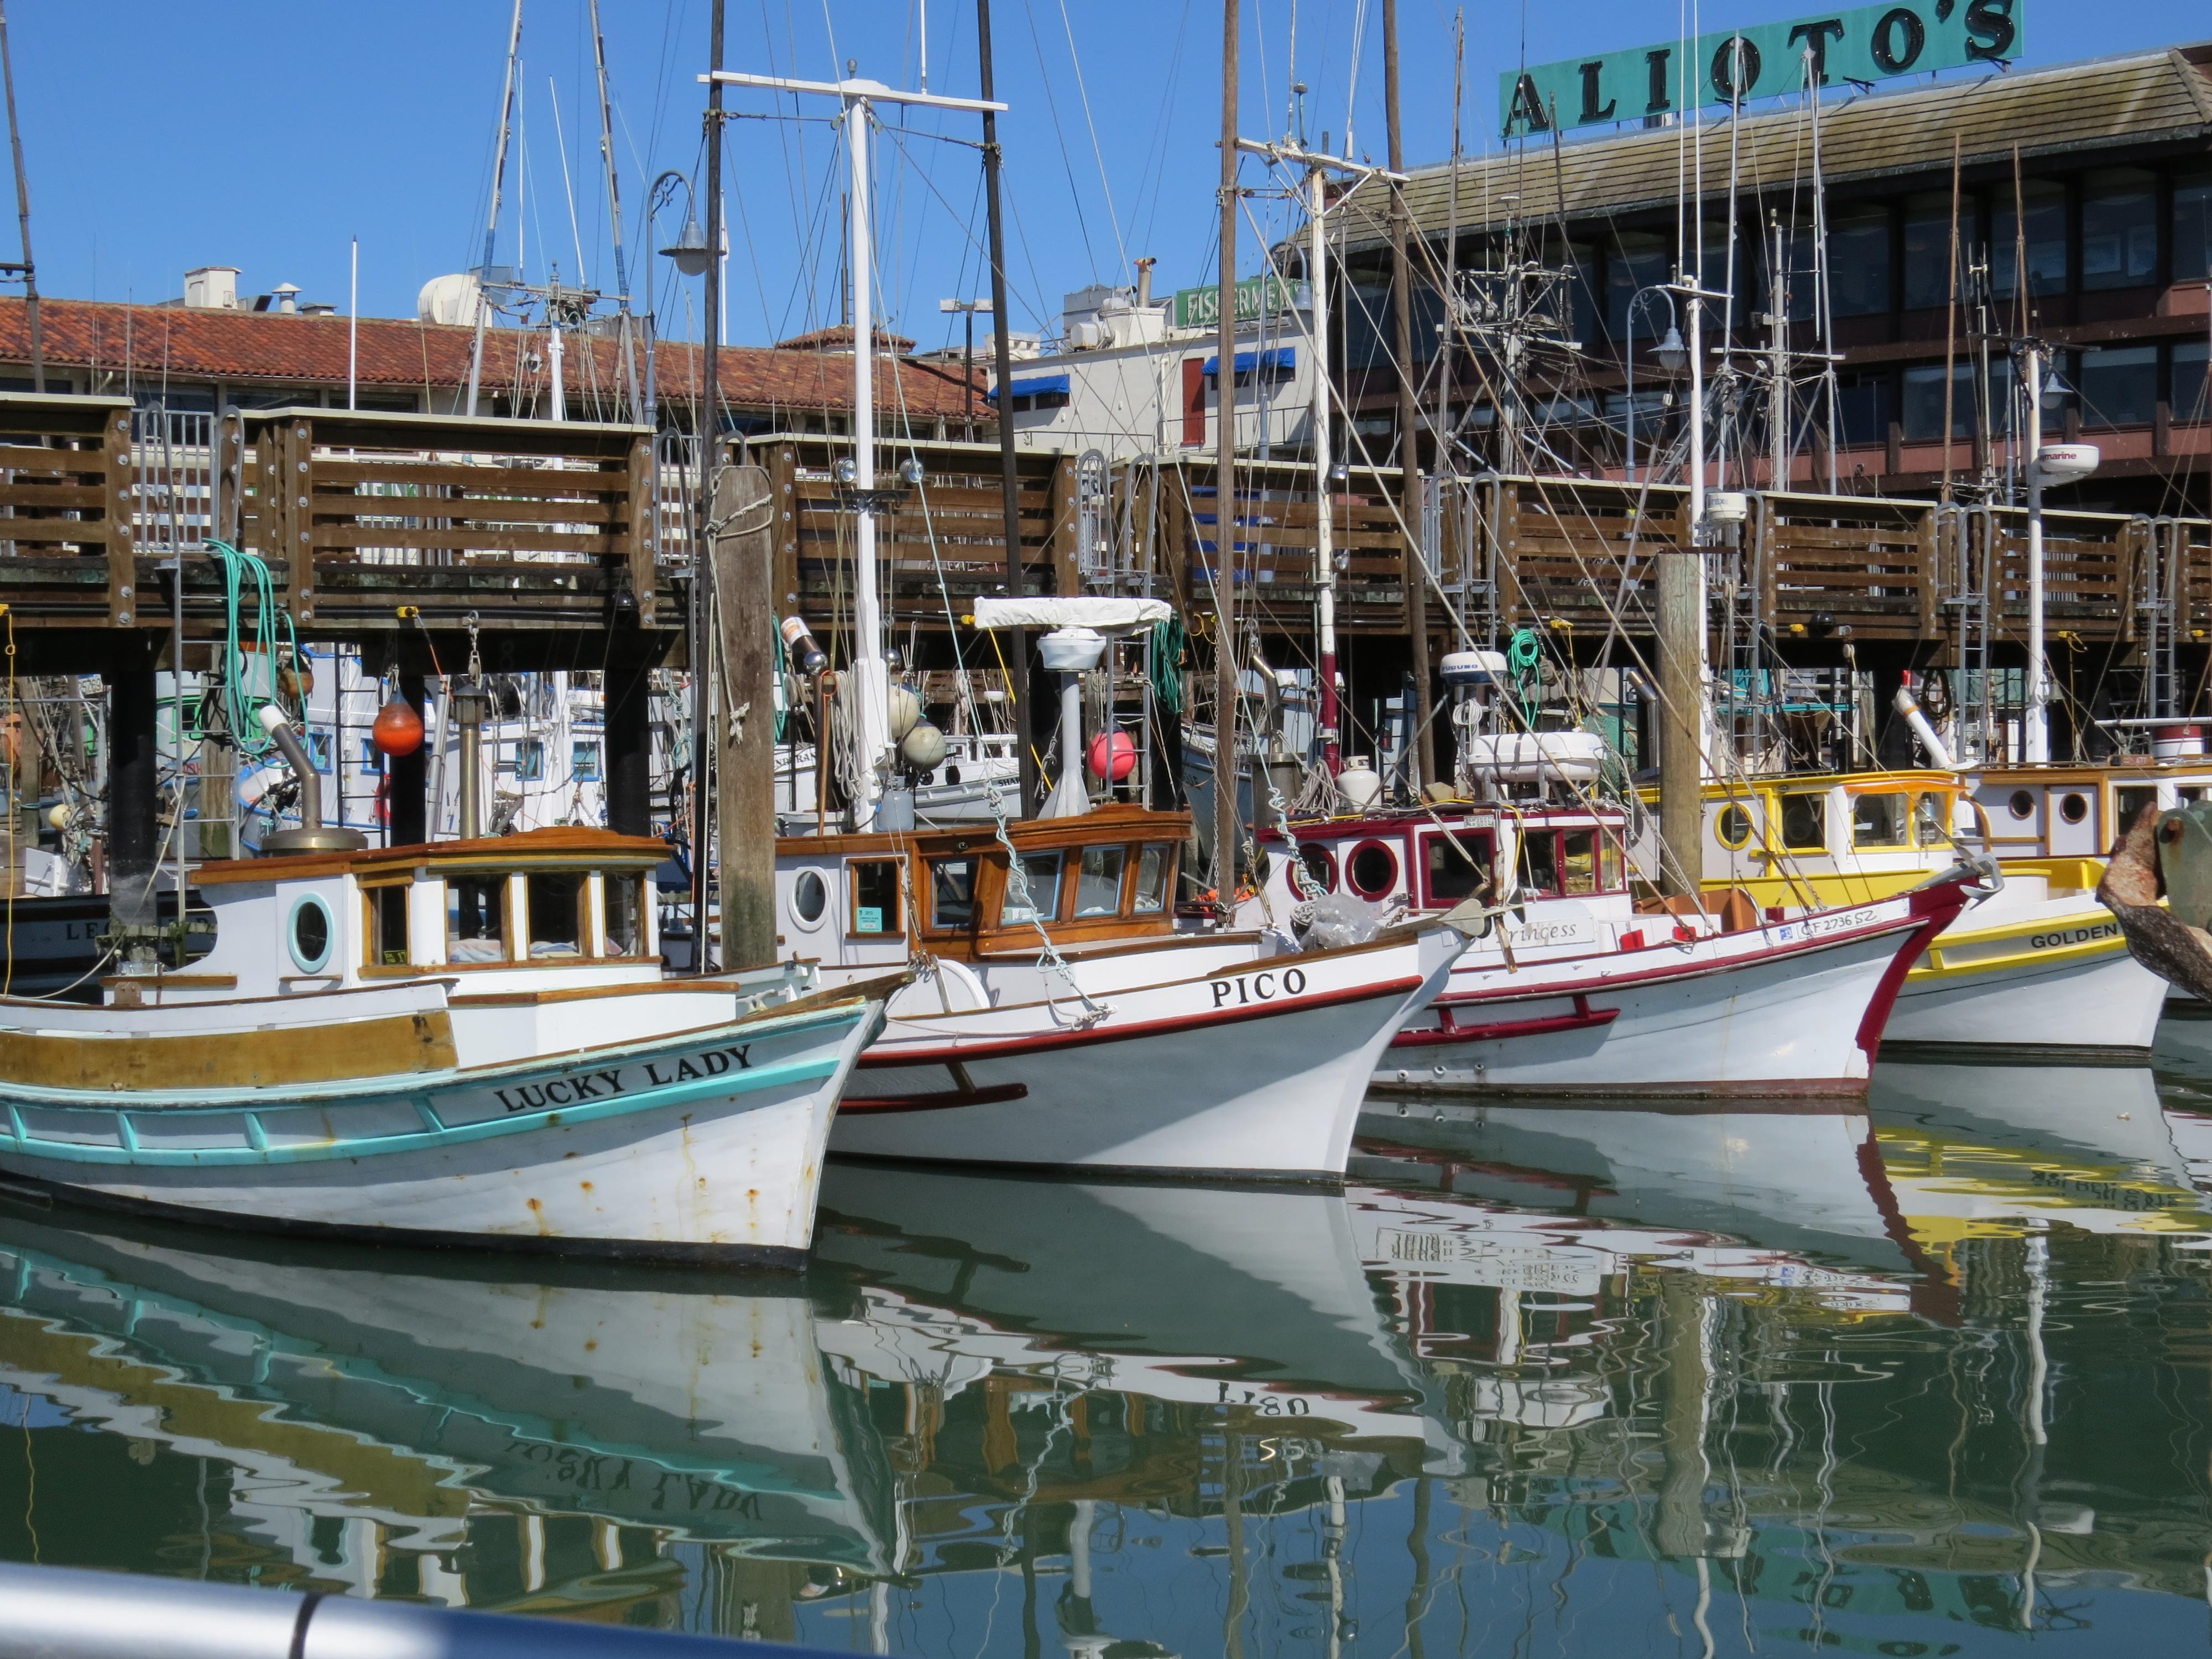 Boats moored at Fisherman's Wharf, San Francisco | Dawn Devine • Davina at Home and Abroad